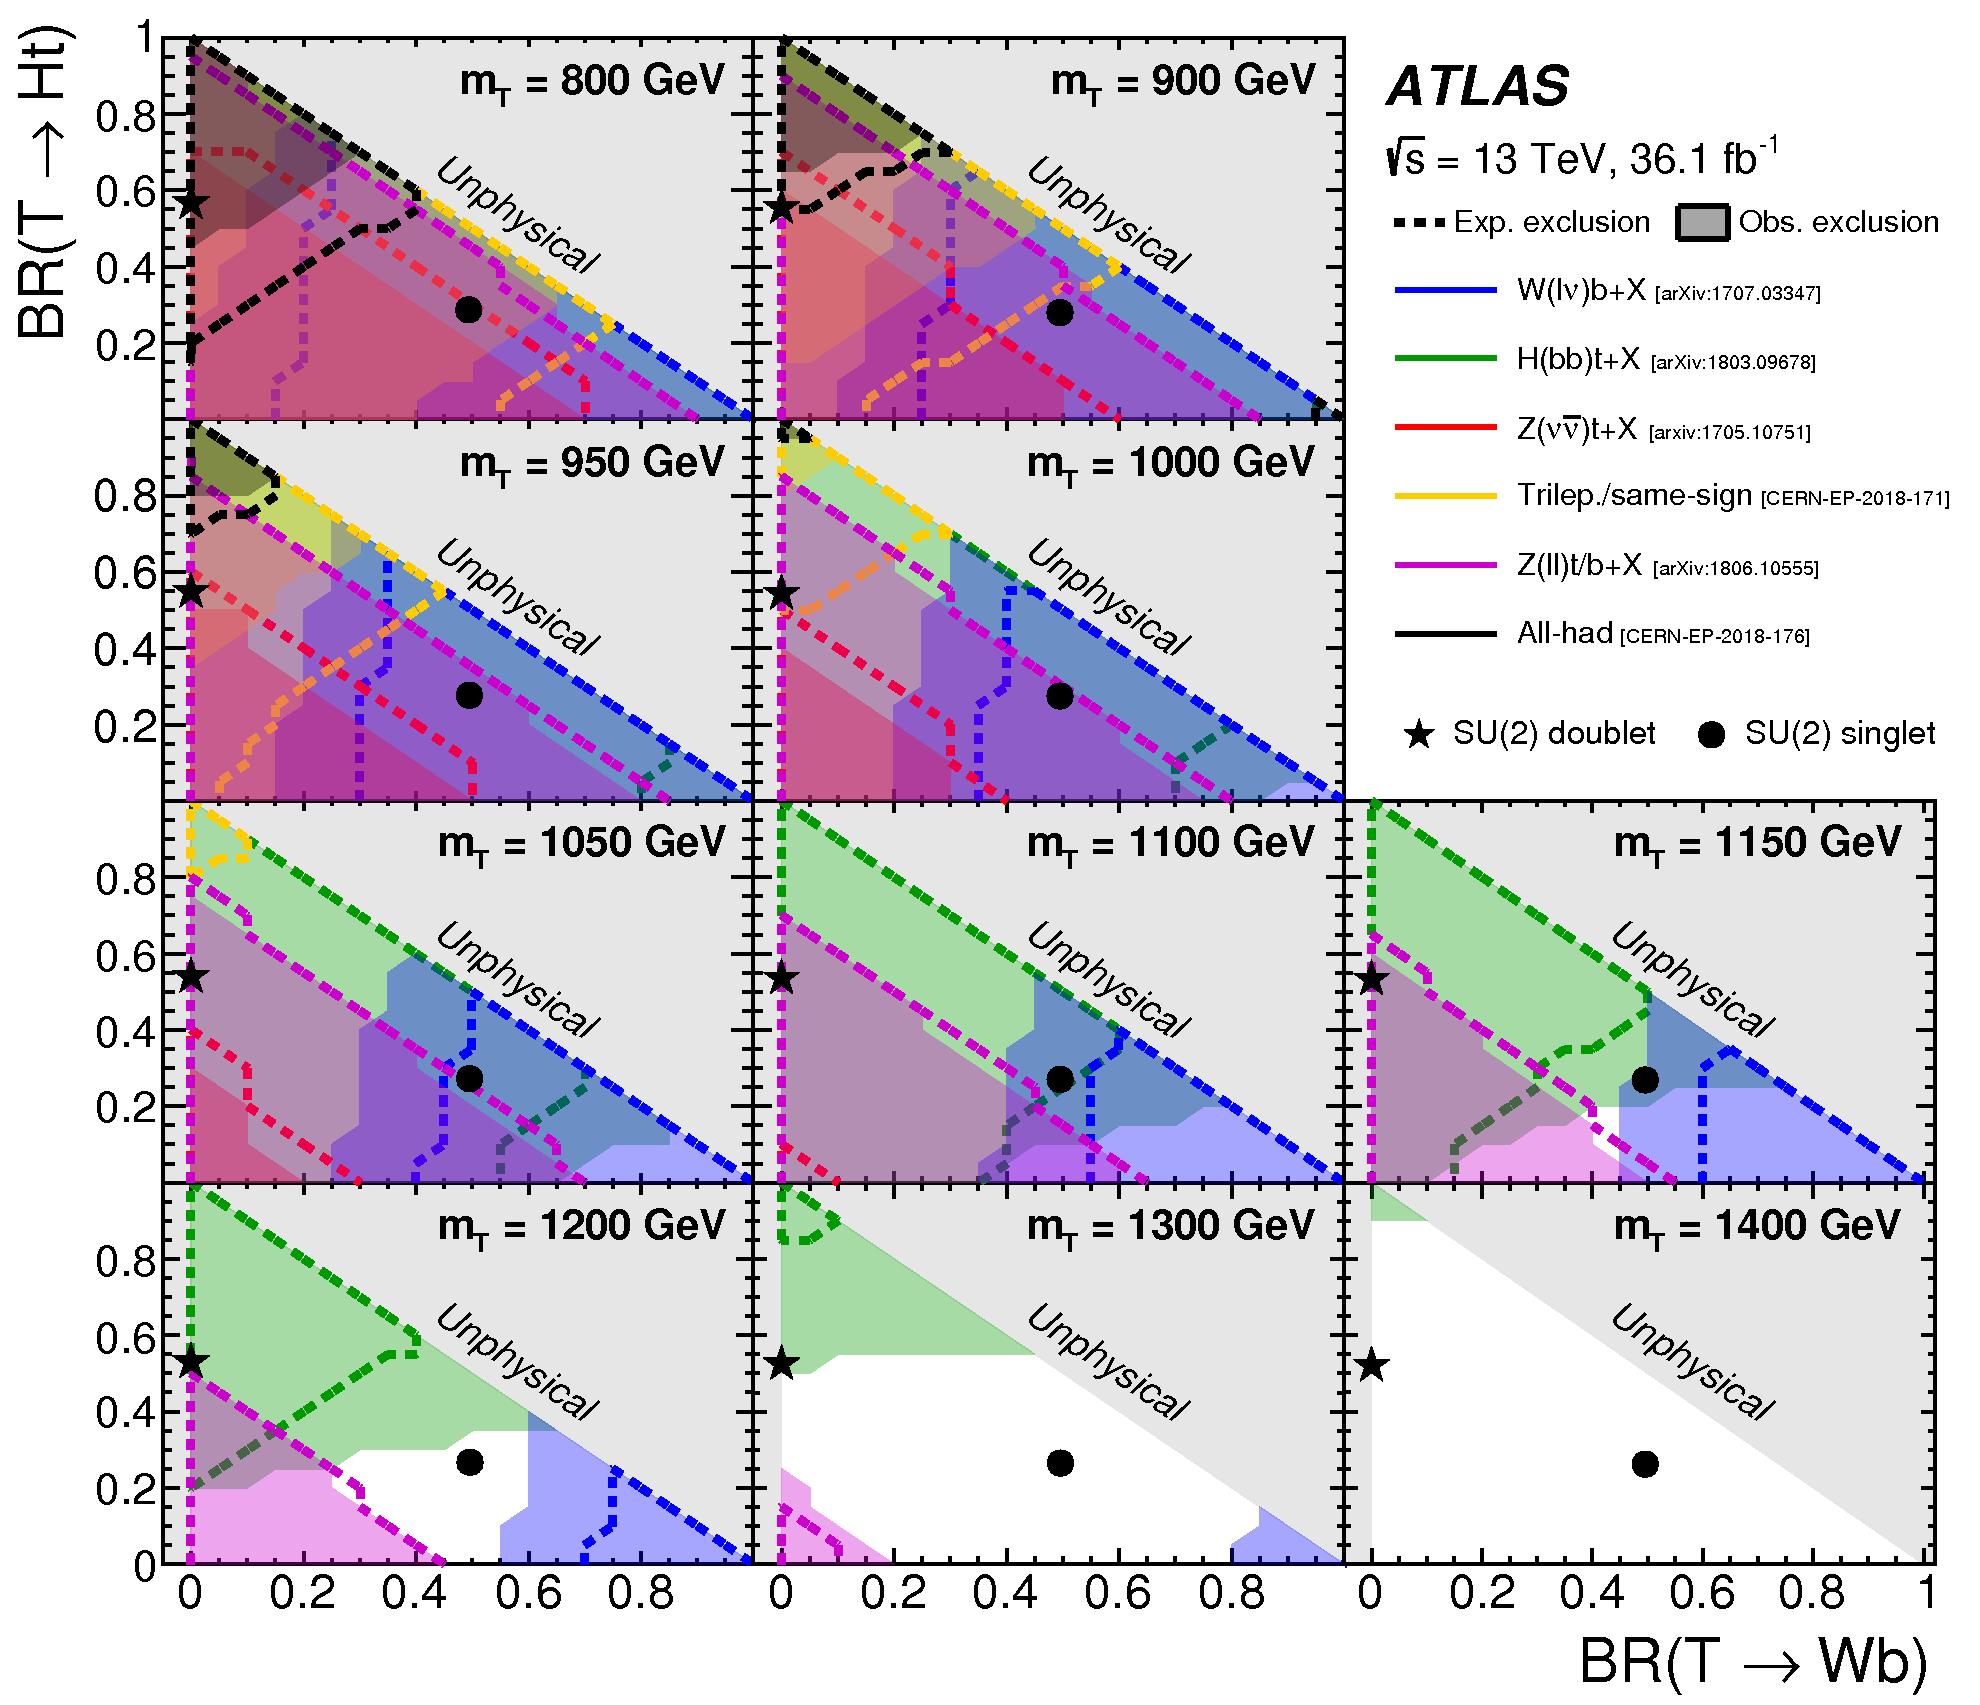 https://atlas.web.cern.ch/Atlas/GROUPS/PHYSICS/CombinedSummaryPlots/EXOTICS/ATLAS_VLQ_TT_step4/ATLAS_VLQ_TT_step4.png